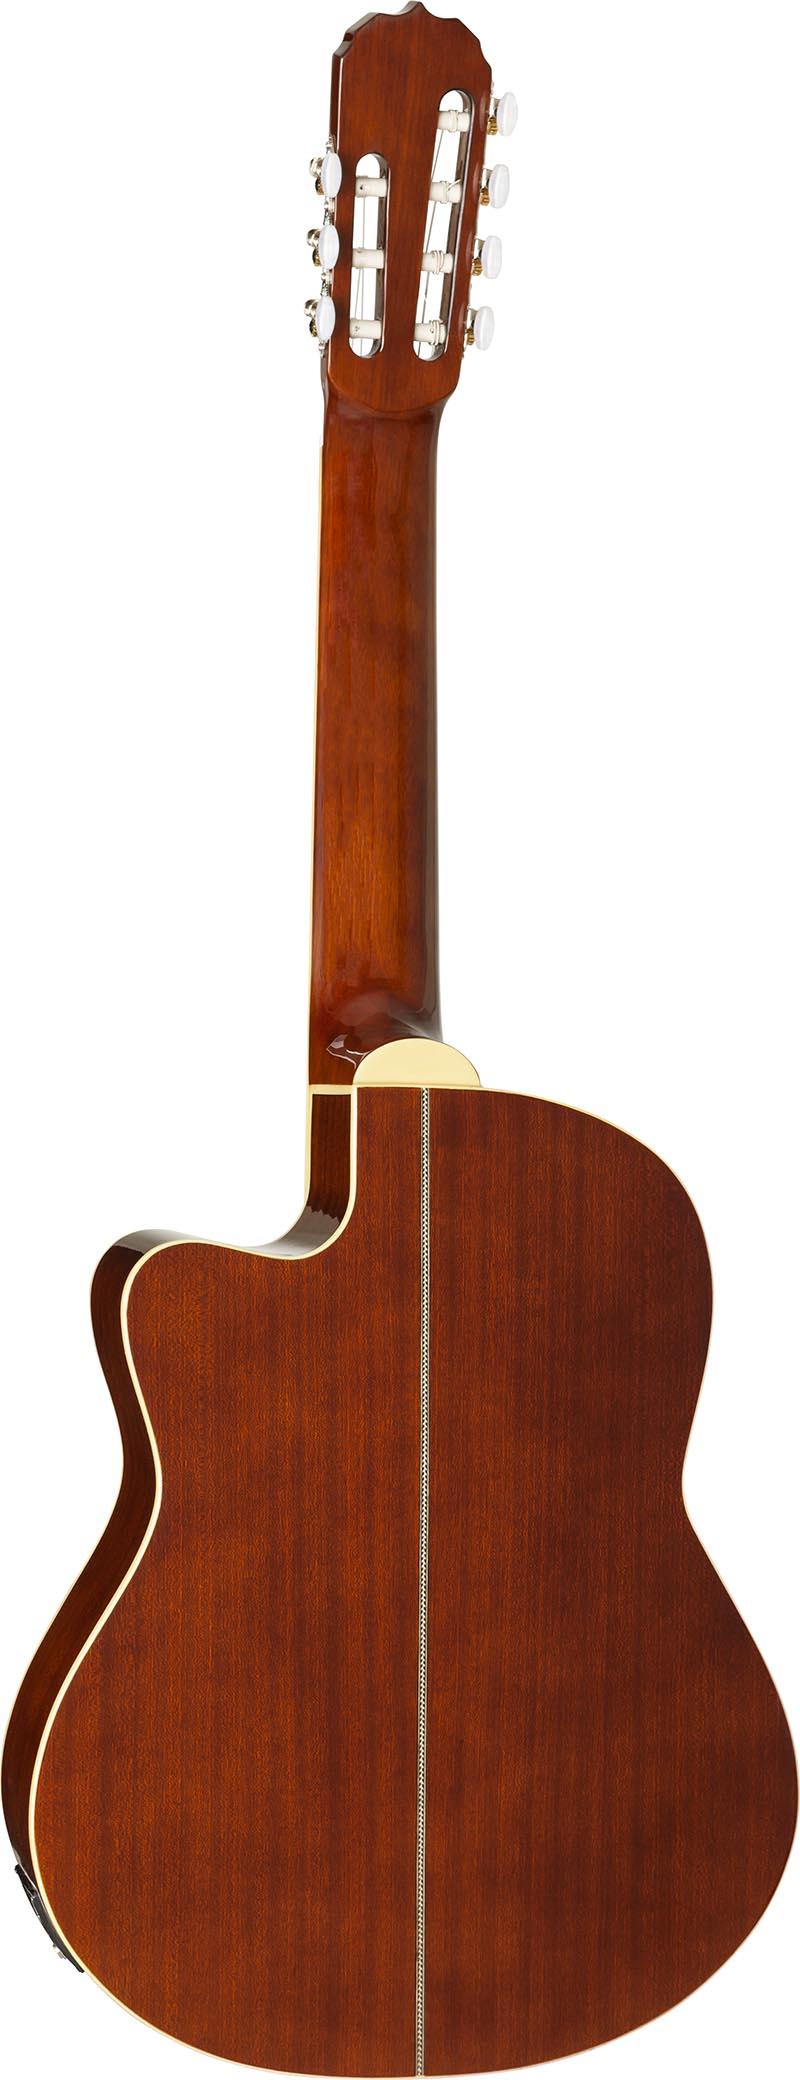 hmc227 violao classico 7 cordas hofma hmc227 nt natural visao posterior vertical